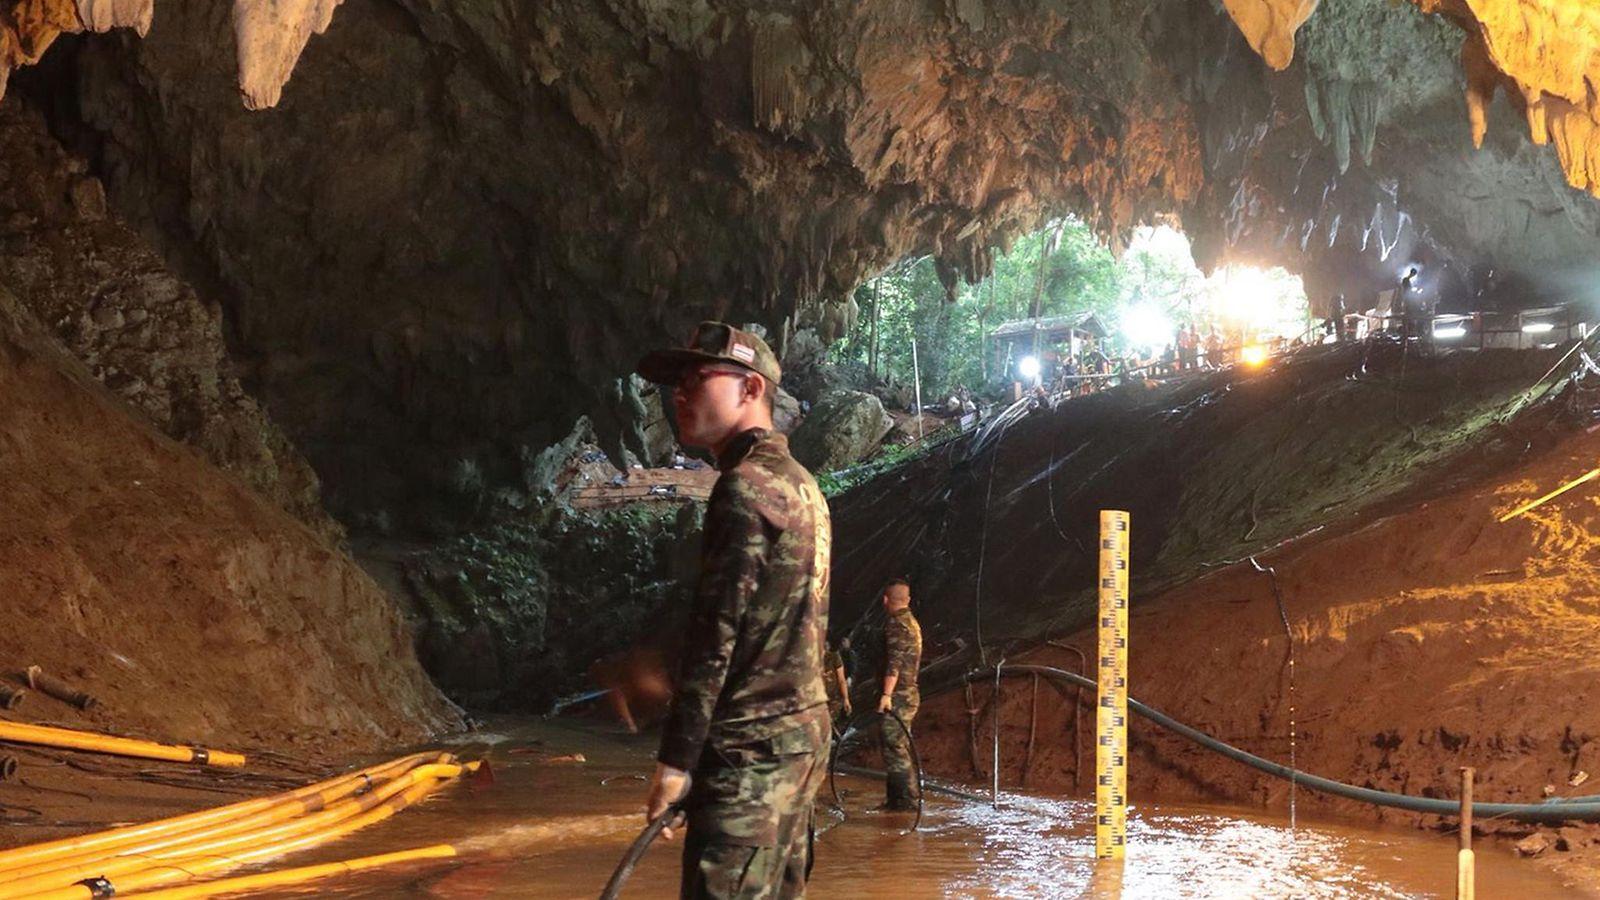 Pelastajille työrauha  Ylimääräiset ihmiset poistetaan Thaimaan luolan  alueelta – kamppailu aikaa vastaan käynnissä - MTVuutiset.fi b5ecb00729